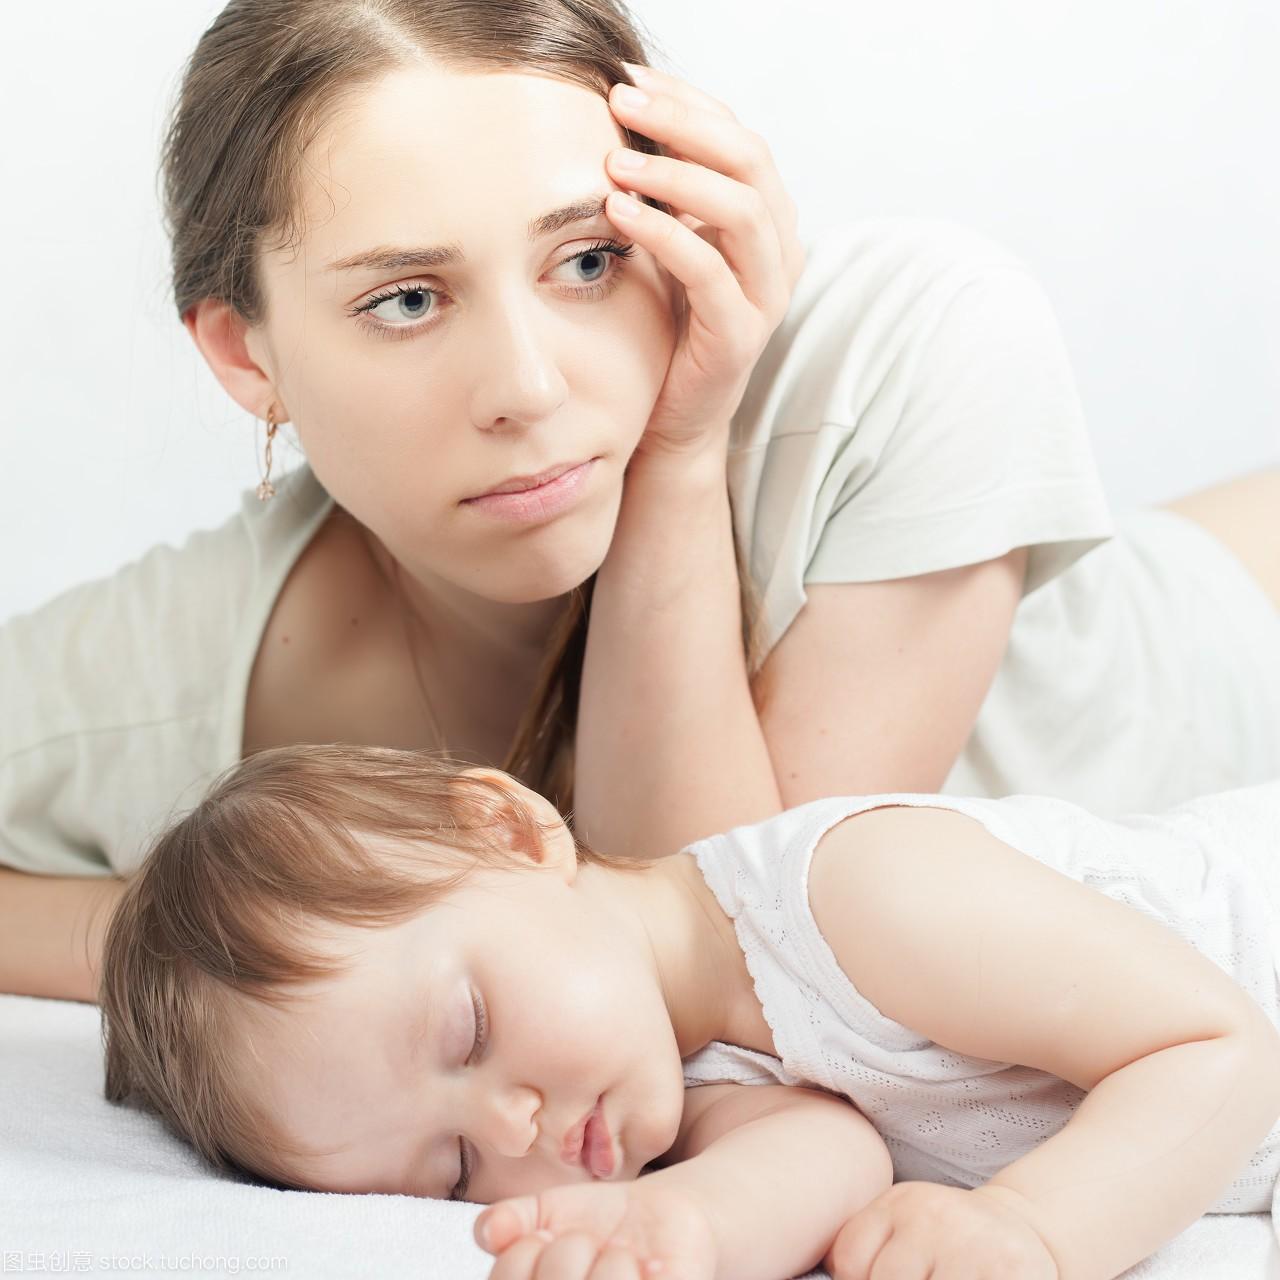 孩子发烧到妇幼查出甲流,医院拒收拒治,太寒心了!